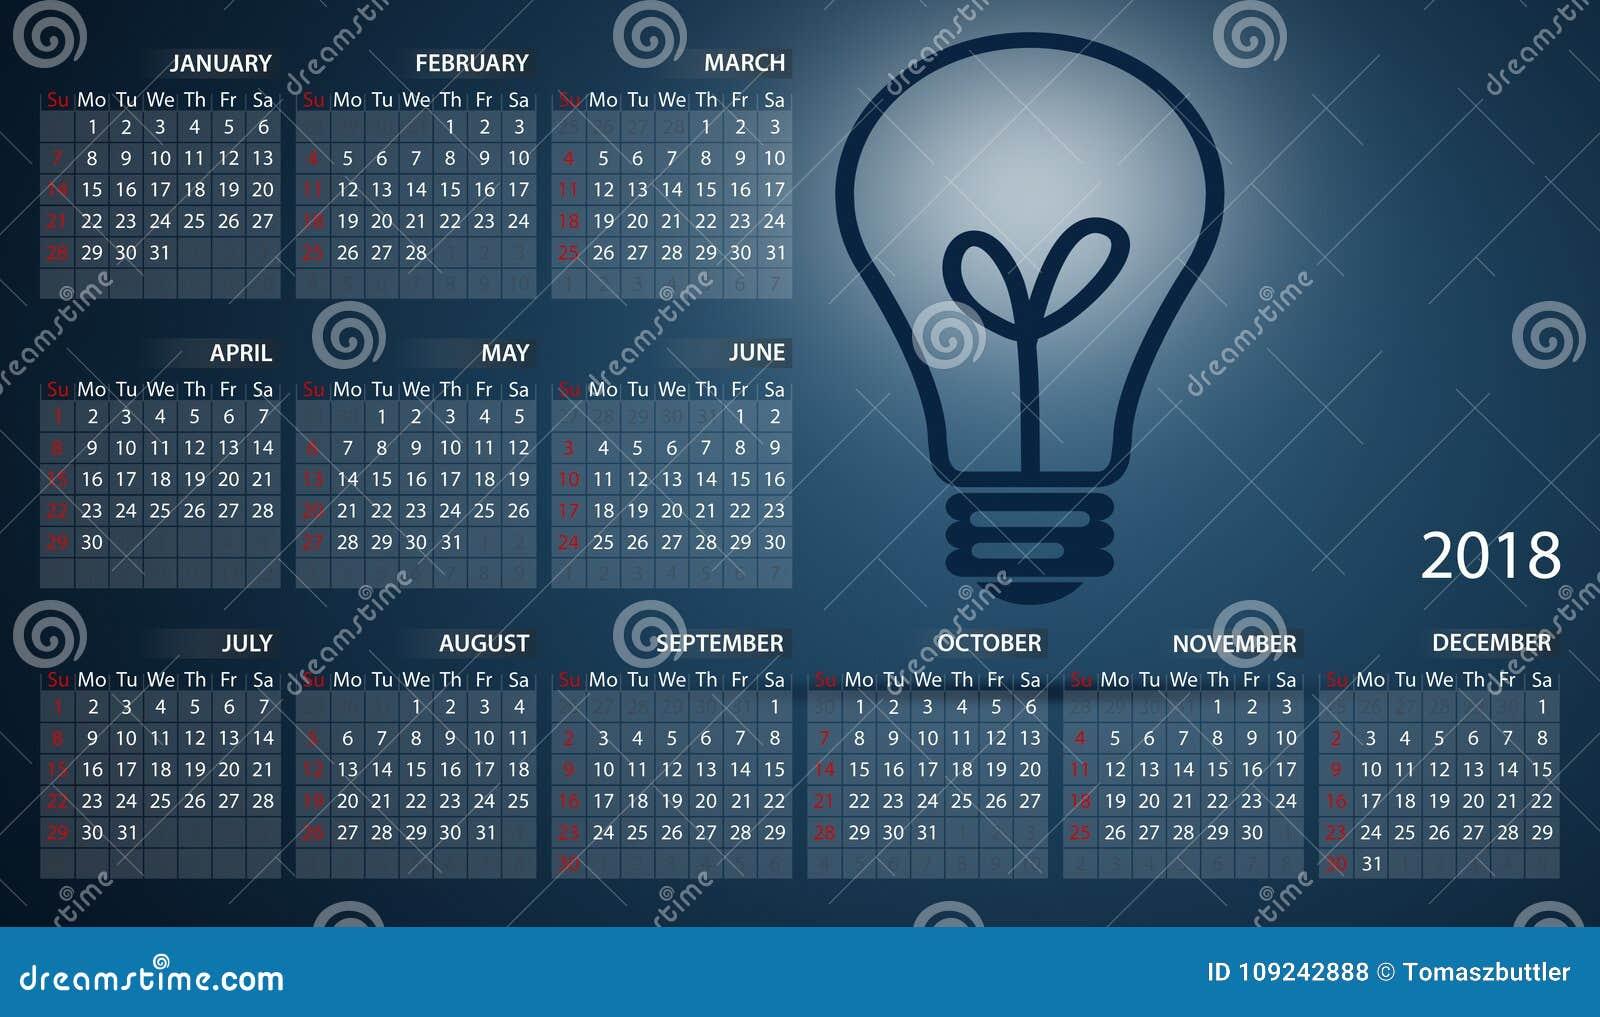 Calendário 2018 em inglês Começos da semana em domingo Ampola na obscuridade - fundo azul